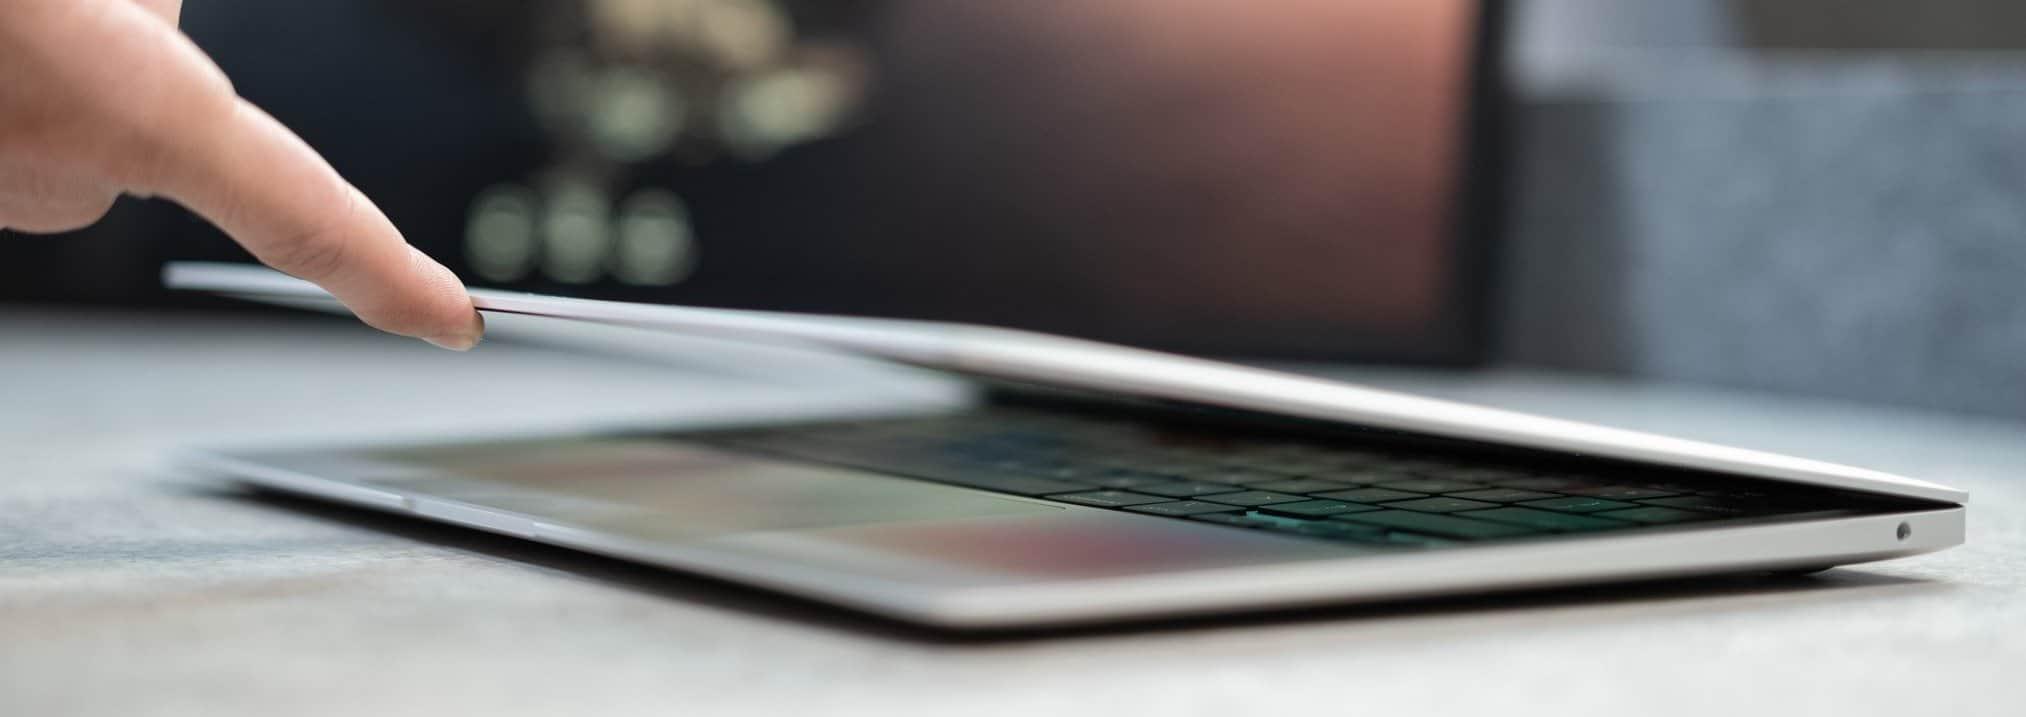 macbook-air-2020-core-i7-ram-16gb-laptopvang.com